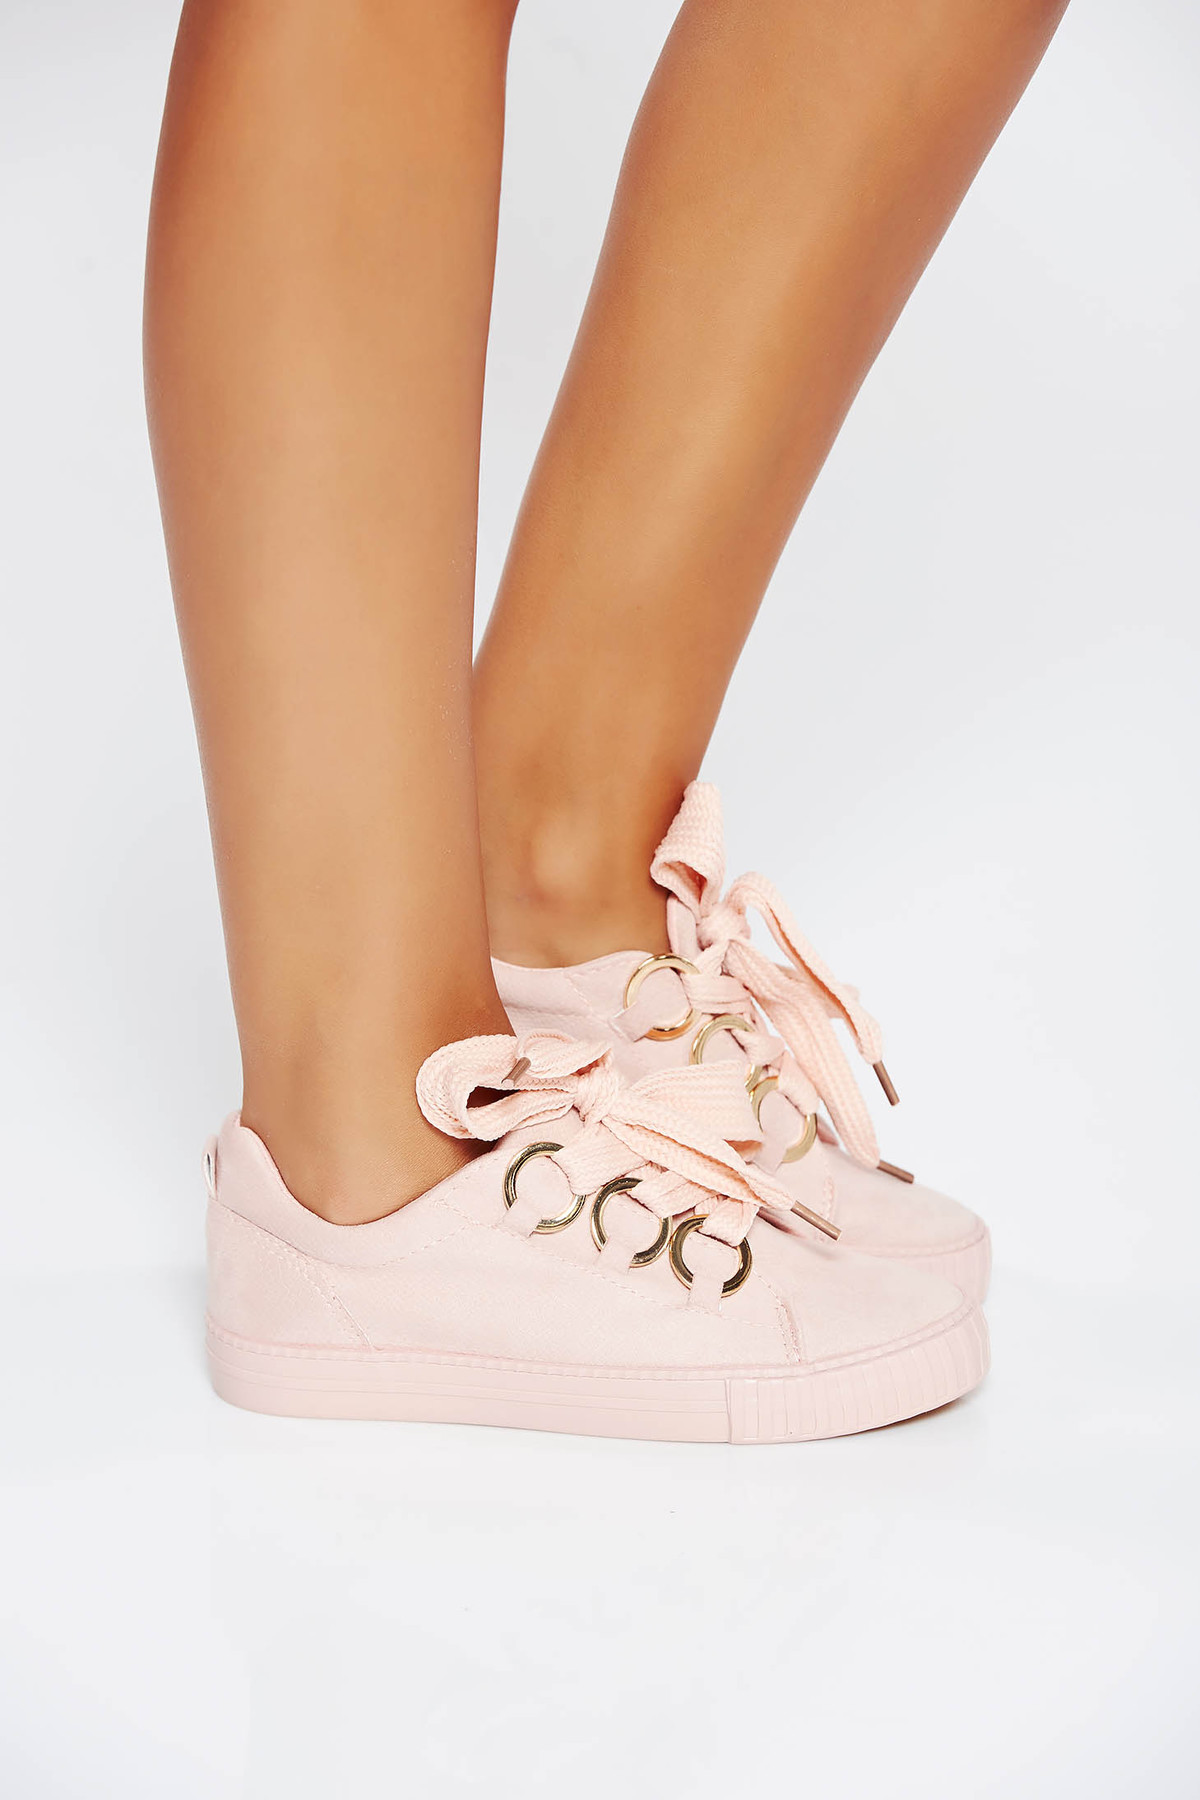 Pantofi sport roz casual din piele ecologica cu talpa usoara si cu accesorii metalice